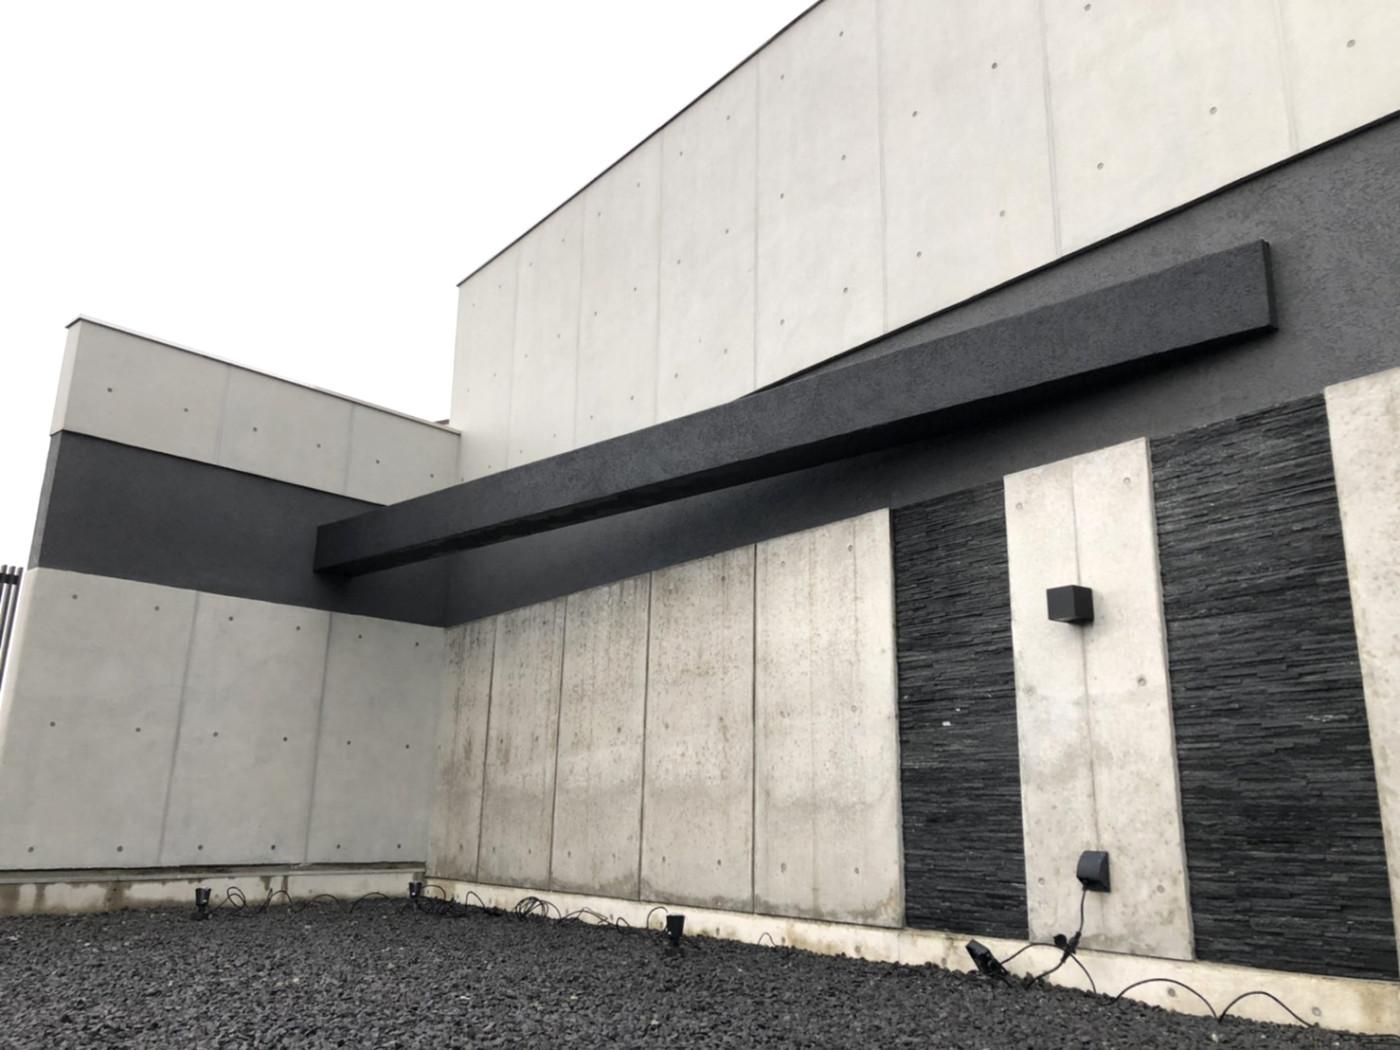 岐阜県 株式会社GAW INNOVATION グランドアートウォール施工イメージ2196_05